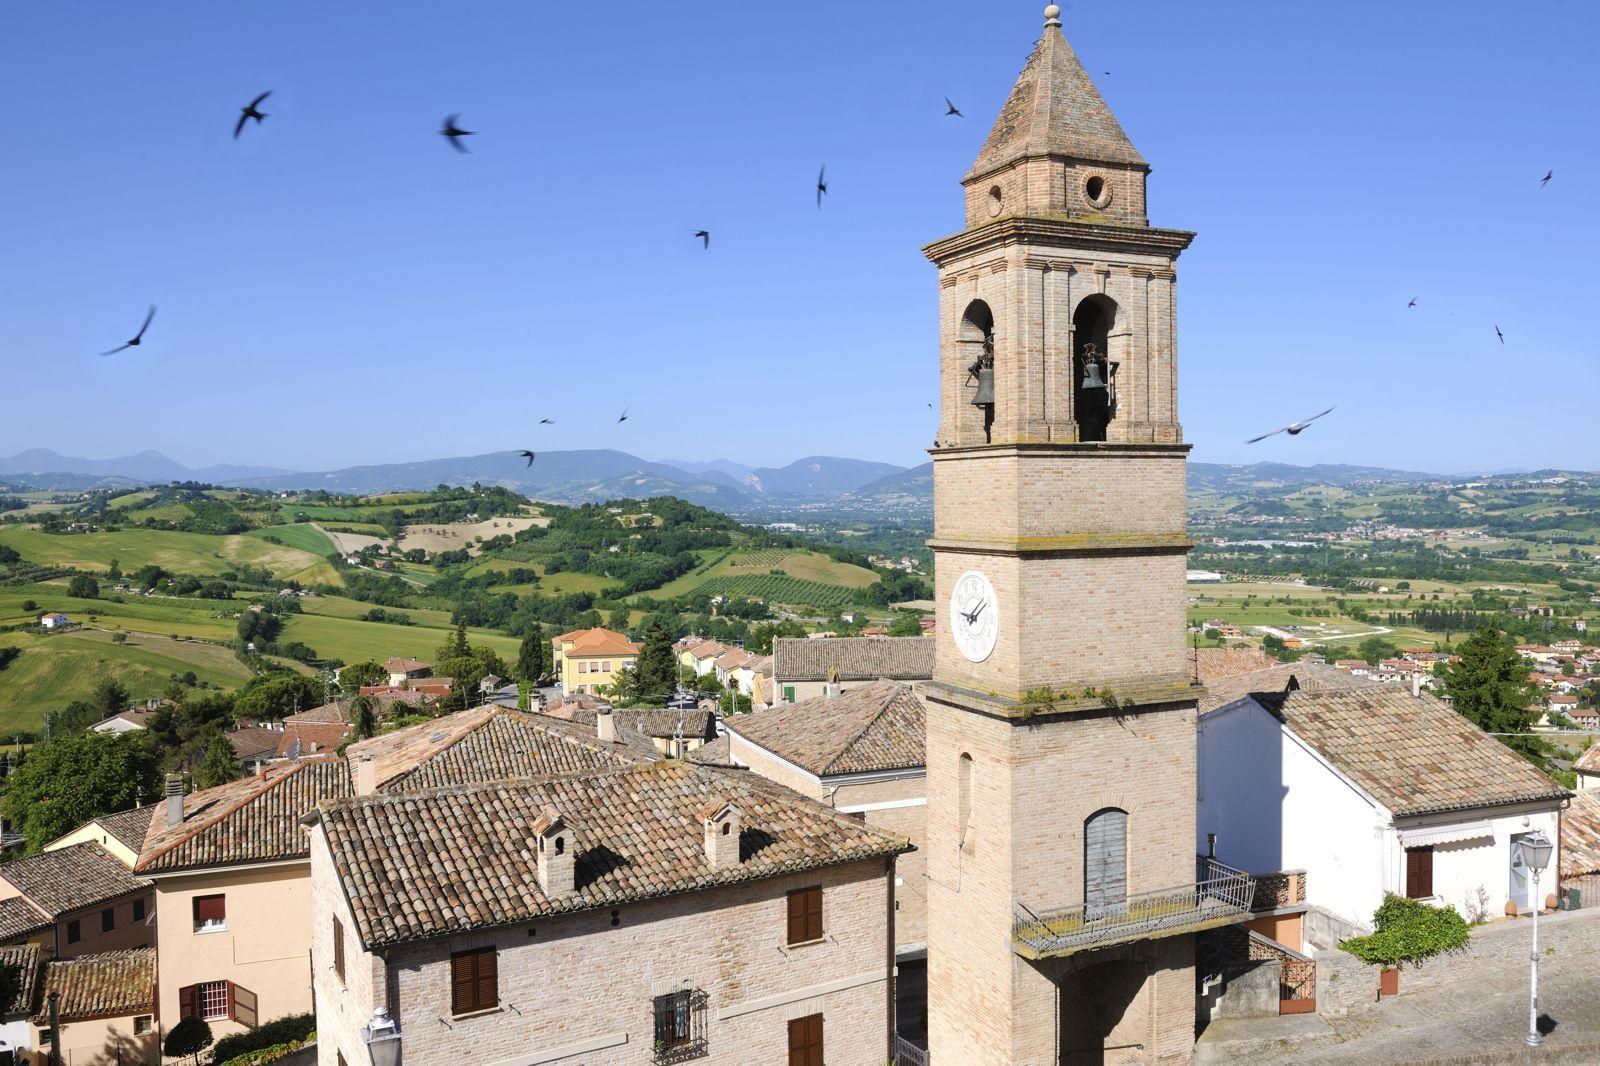 Borgo Montemaggiore albergo diffuso